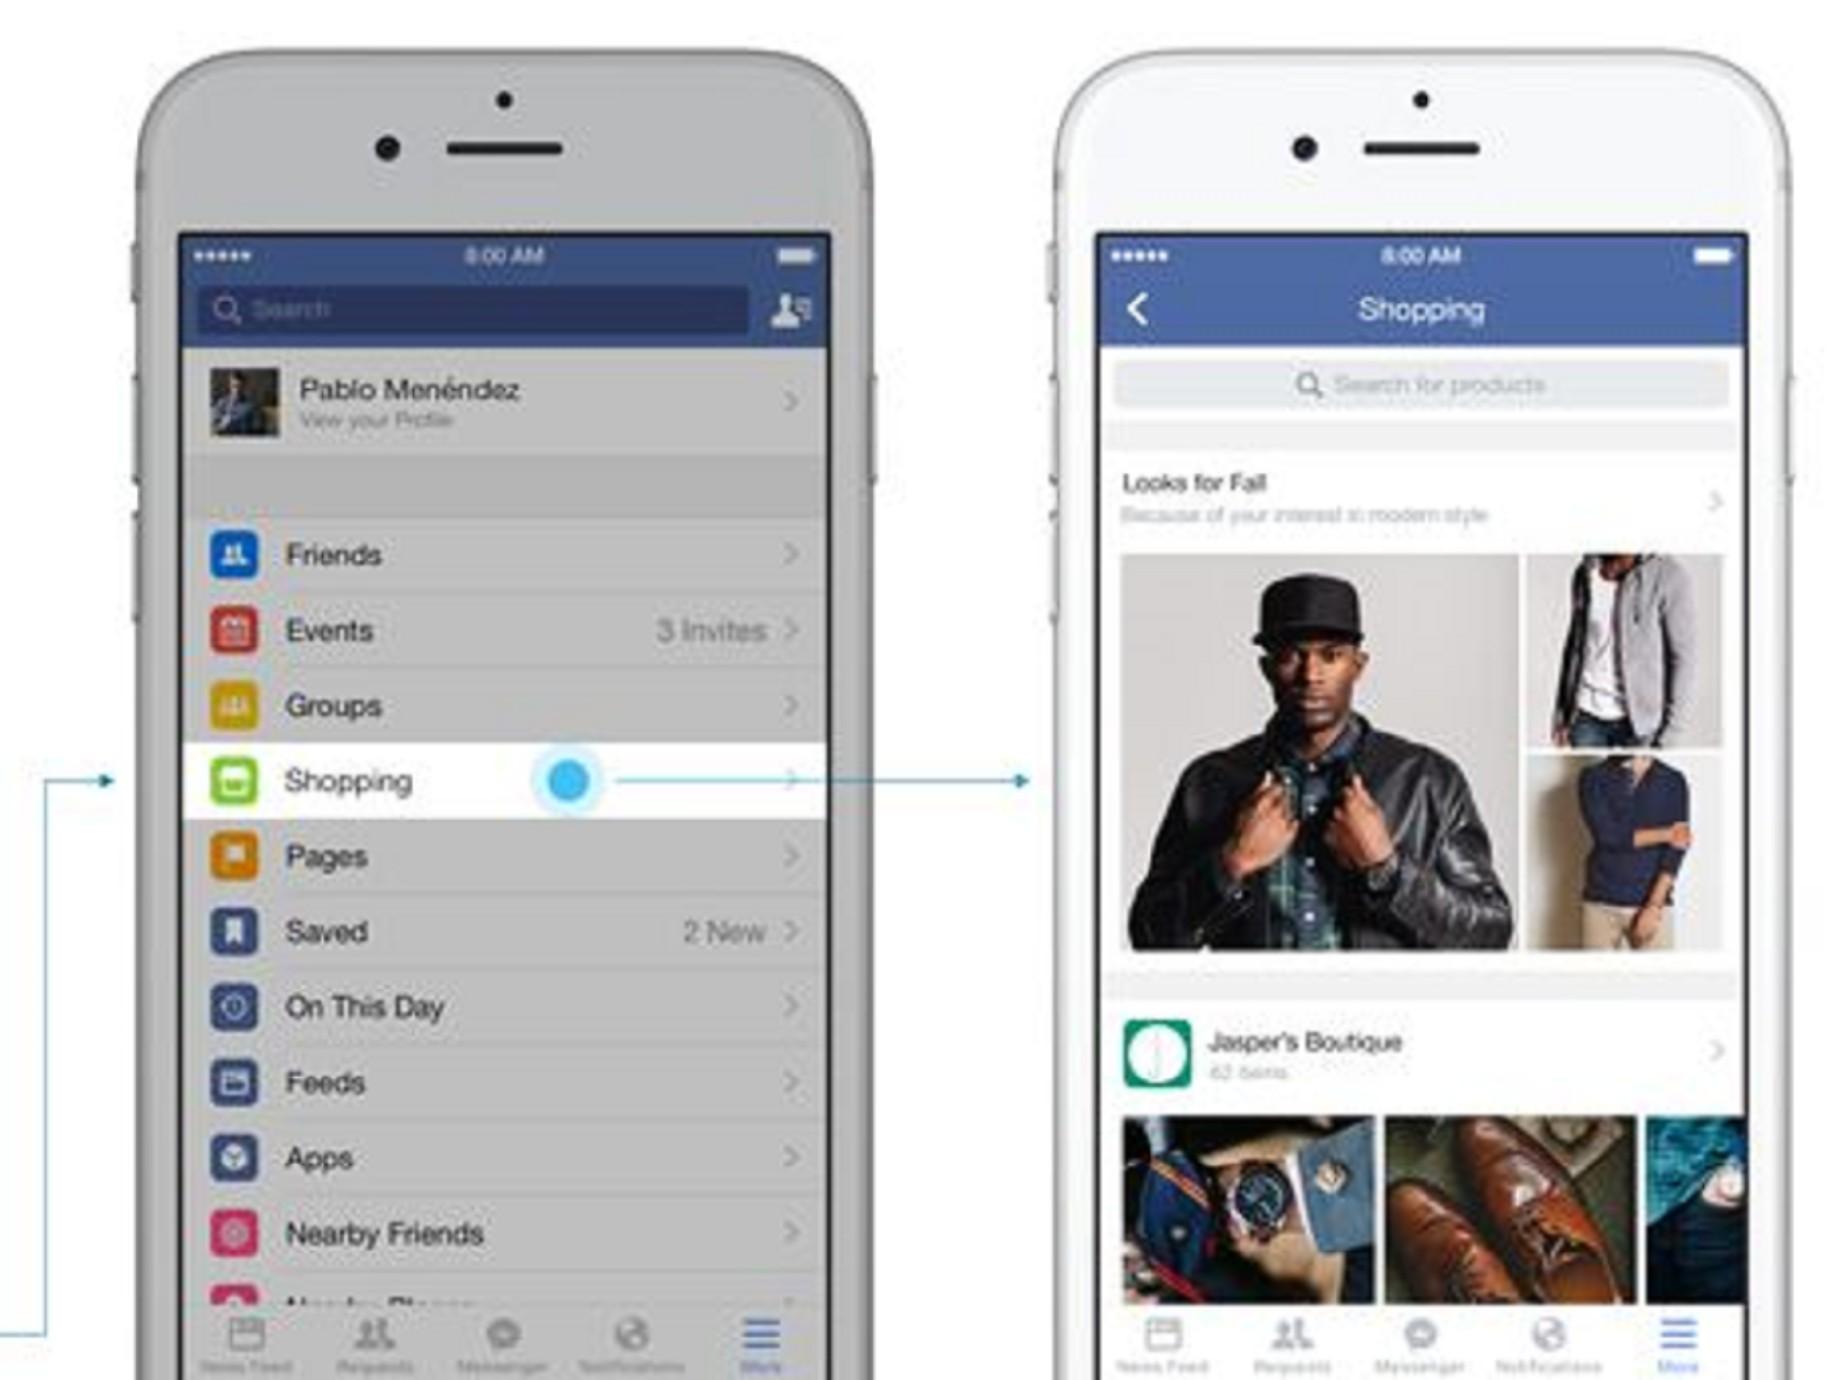 再朝電商邁進一步,Facebook 行動購物功能頁測試上線!